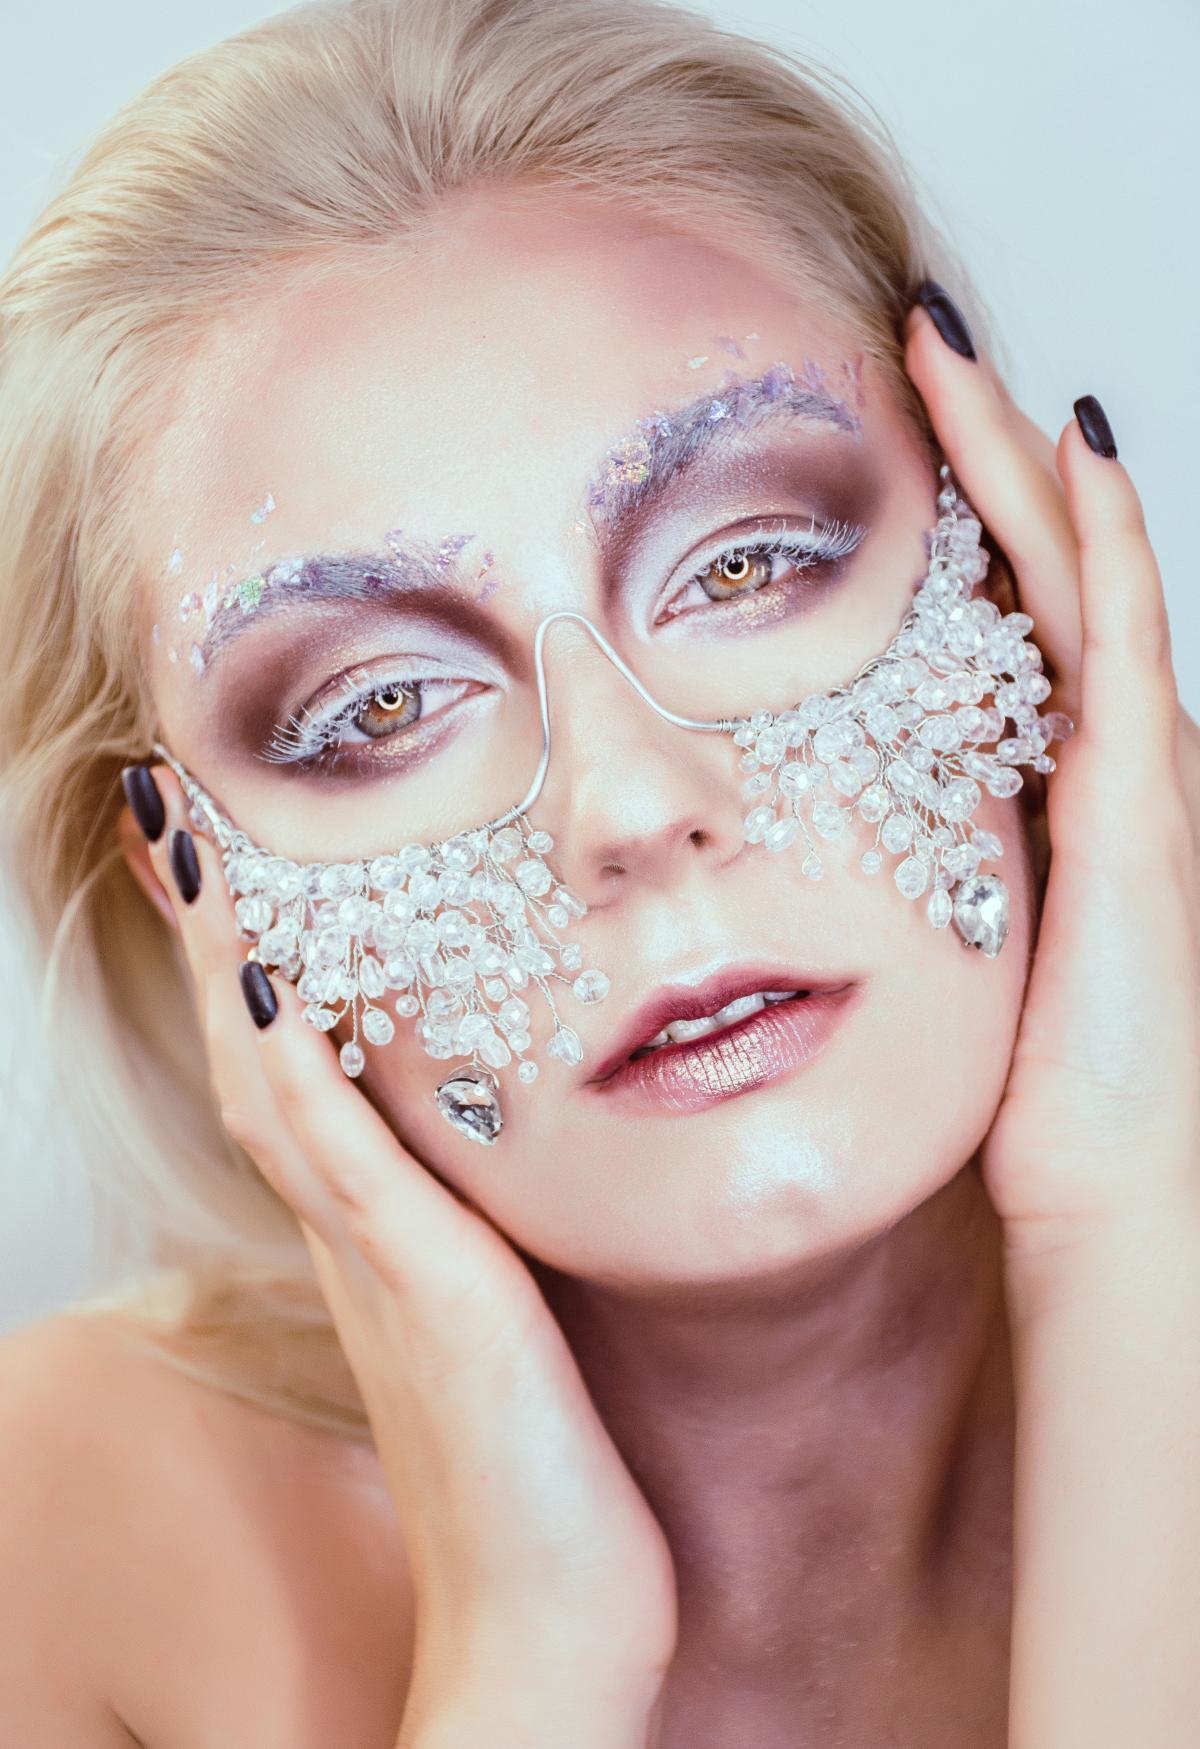 Face Blond Portrait